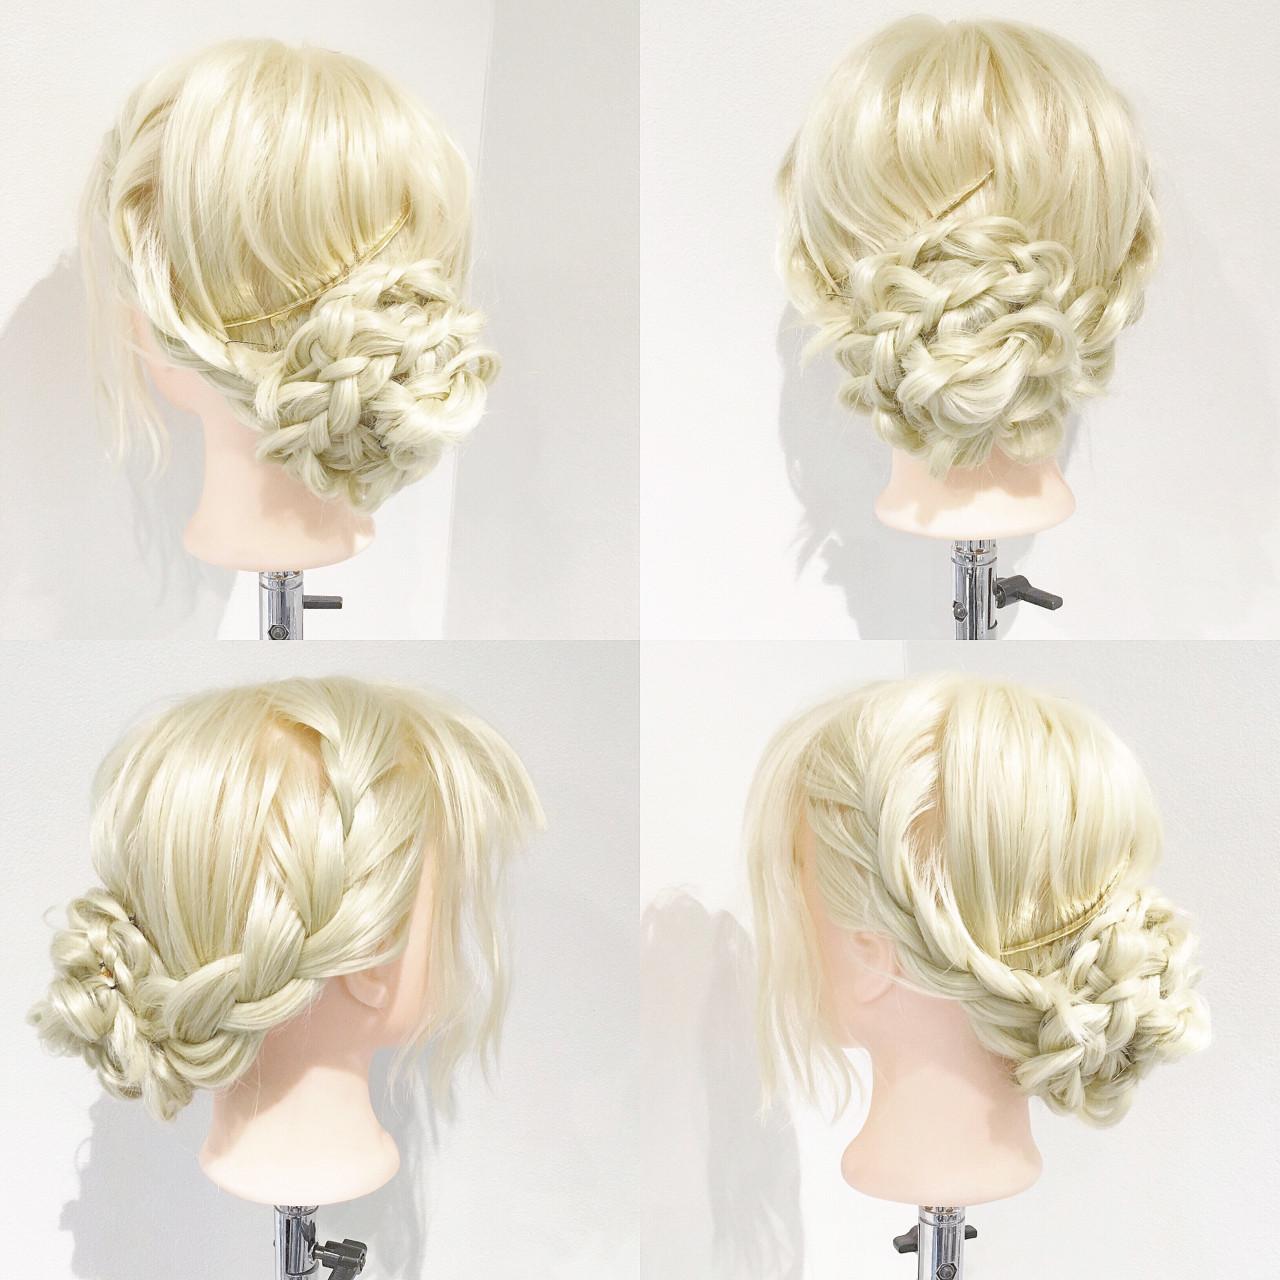 ショート エレガント 上品 ヘアアレンジ ヘアスタイルや髪型の写真・画像